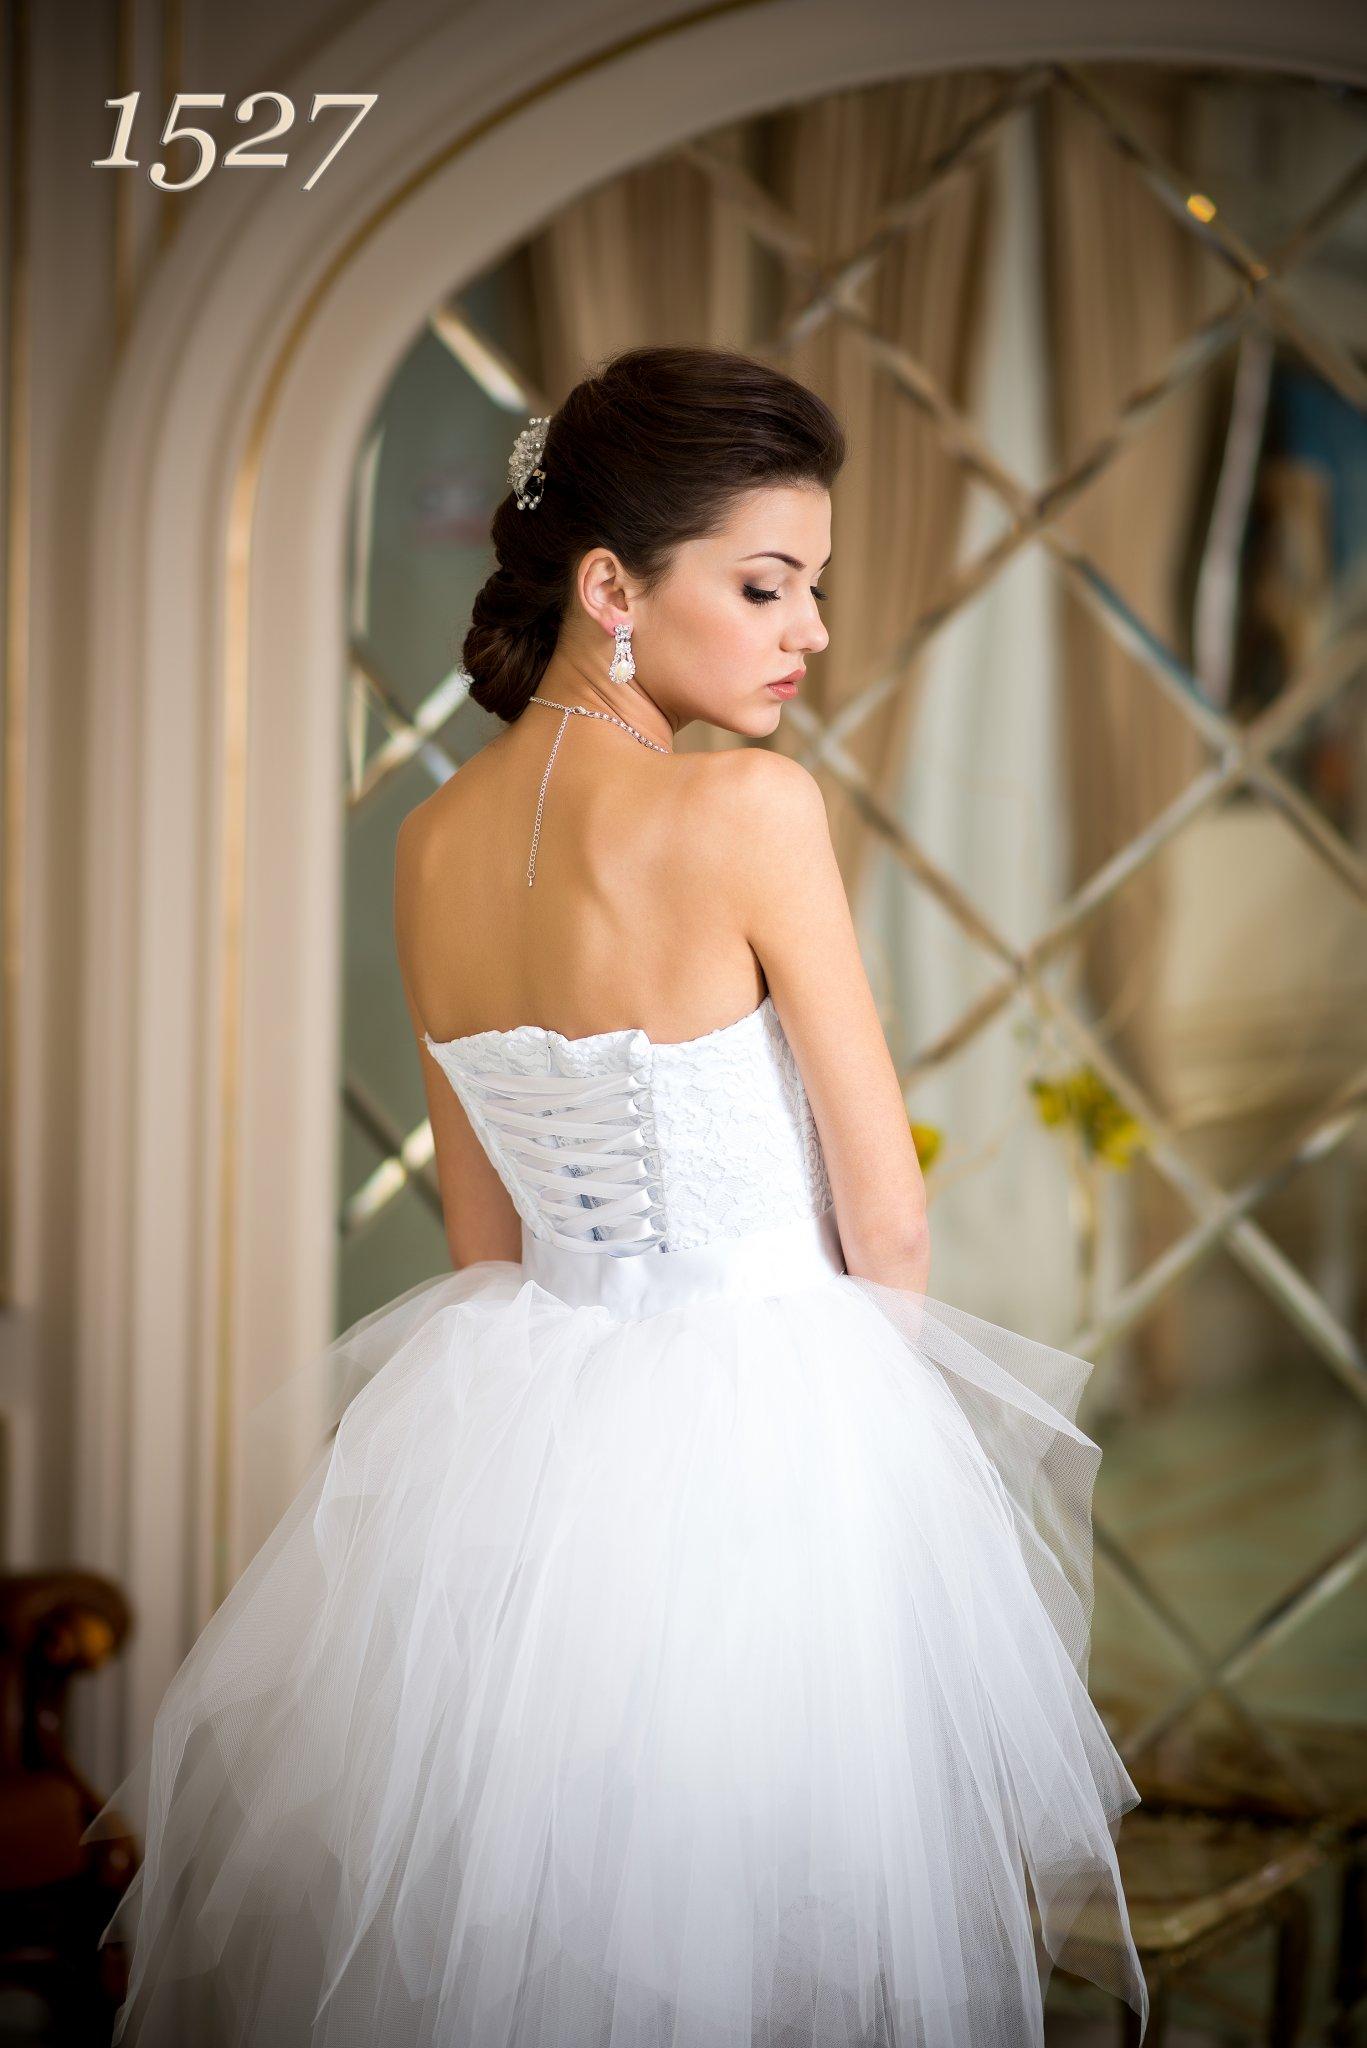 77771091d0 …vegyünk hozzá egy hosszú tüll szoknyát, esetleg színeset is, vagy  egészítsük ki egy színes övvel, s máris van egy romantikus menyasszonyi  ruhánk…